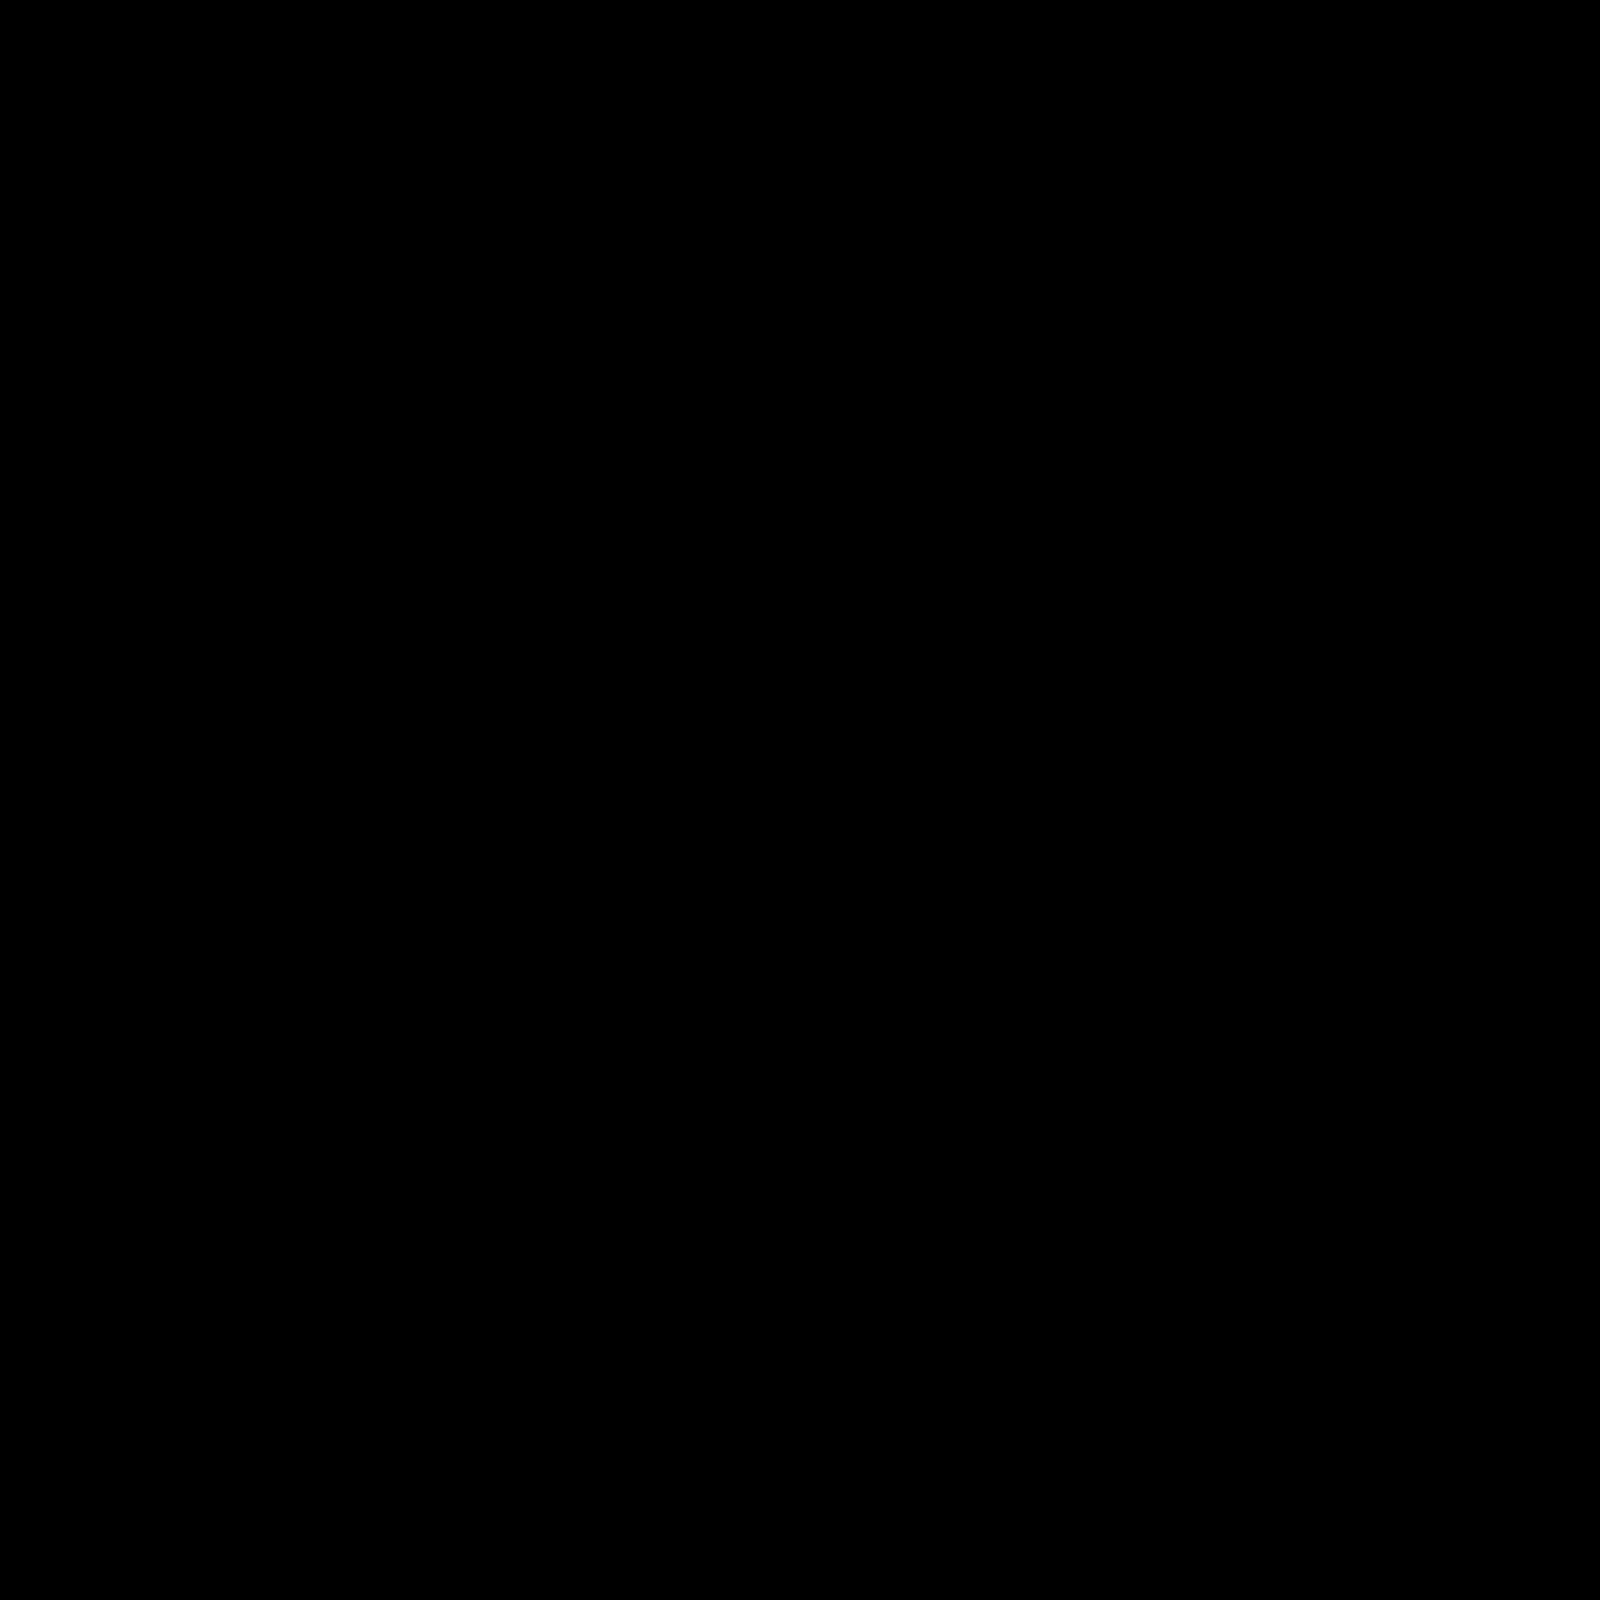 Папка документов icon